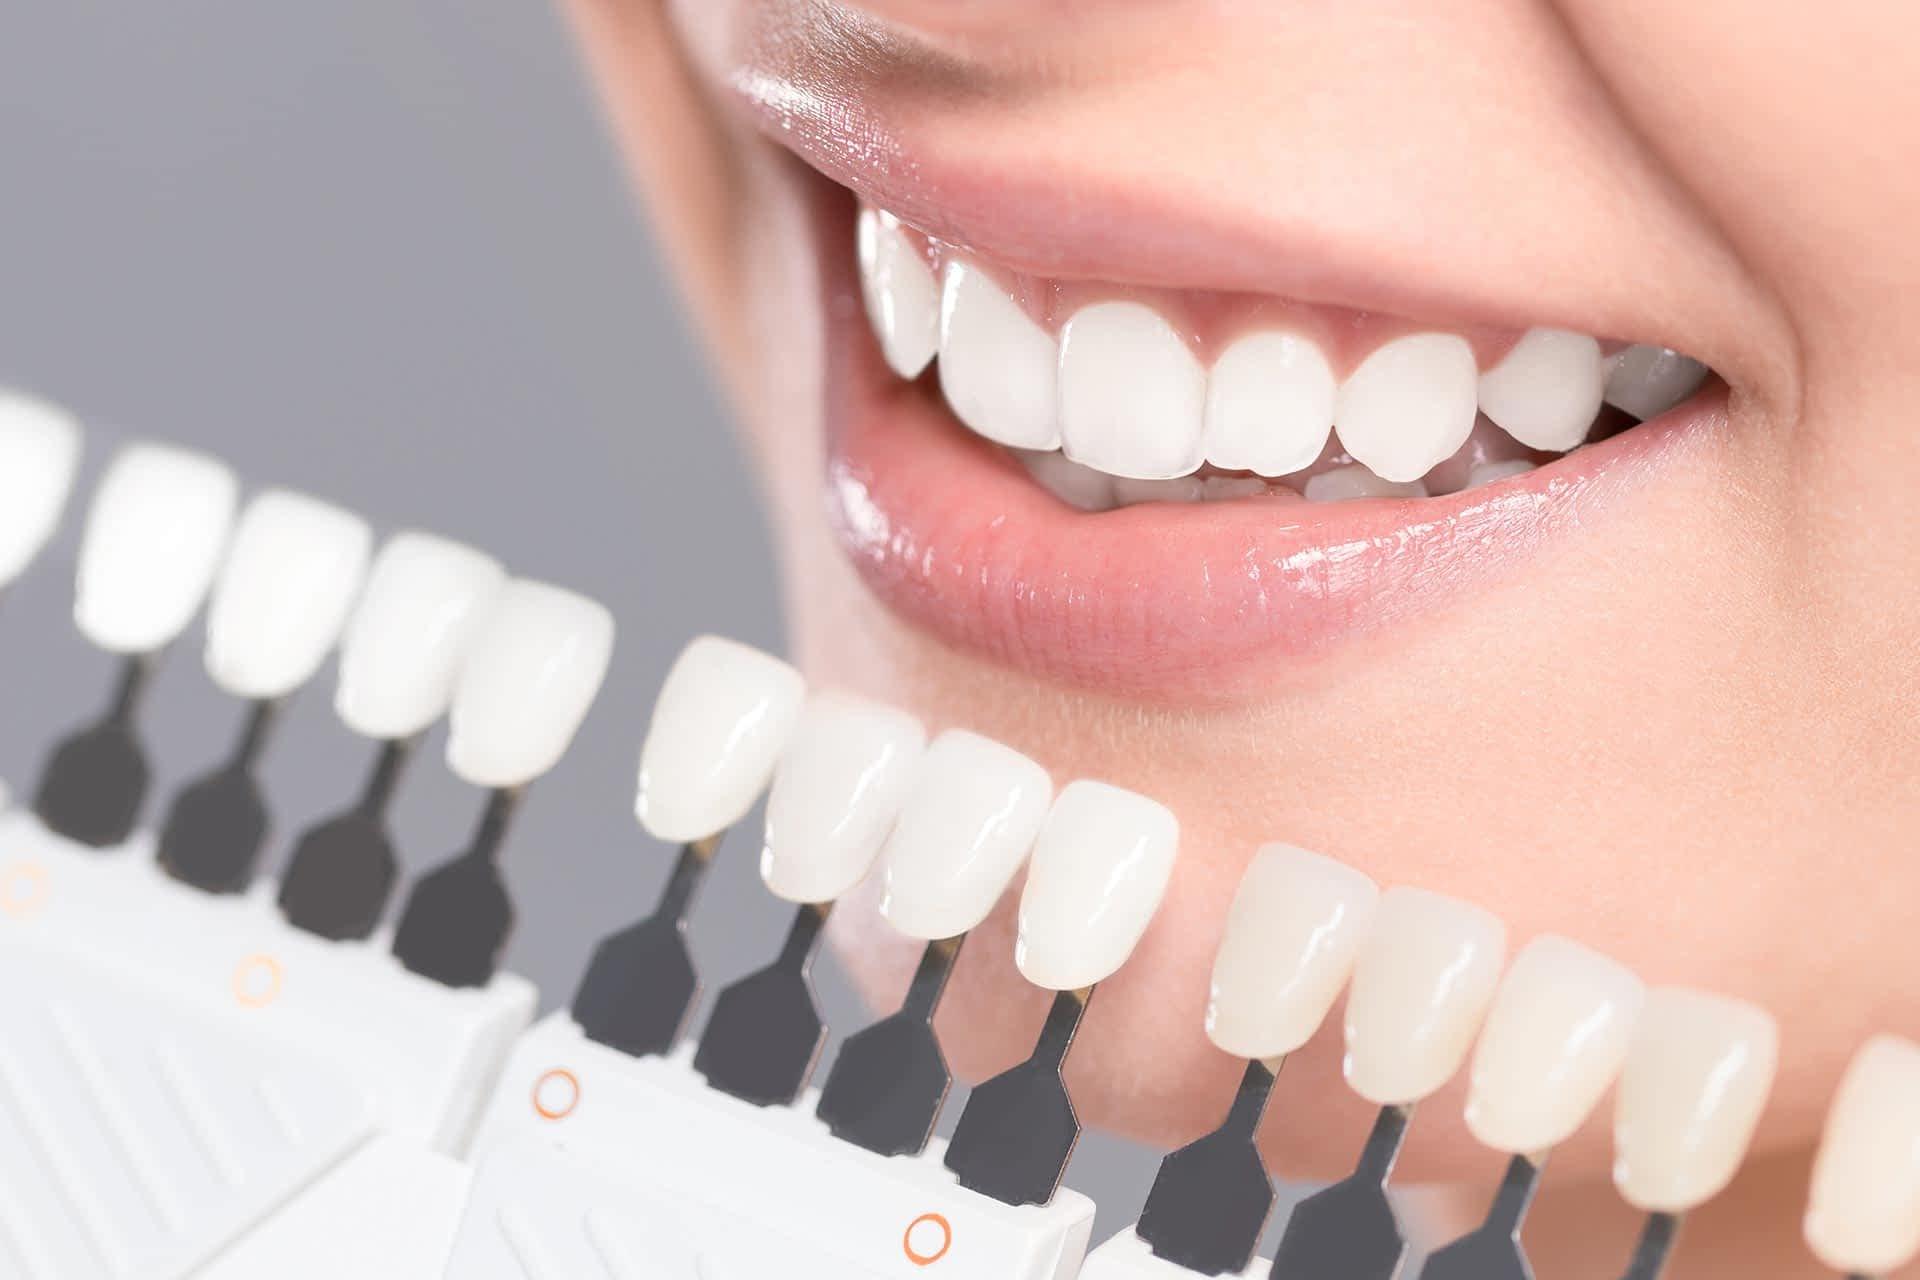 あかなへ゛歯科 審美歯科 ホワイトニンク゛